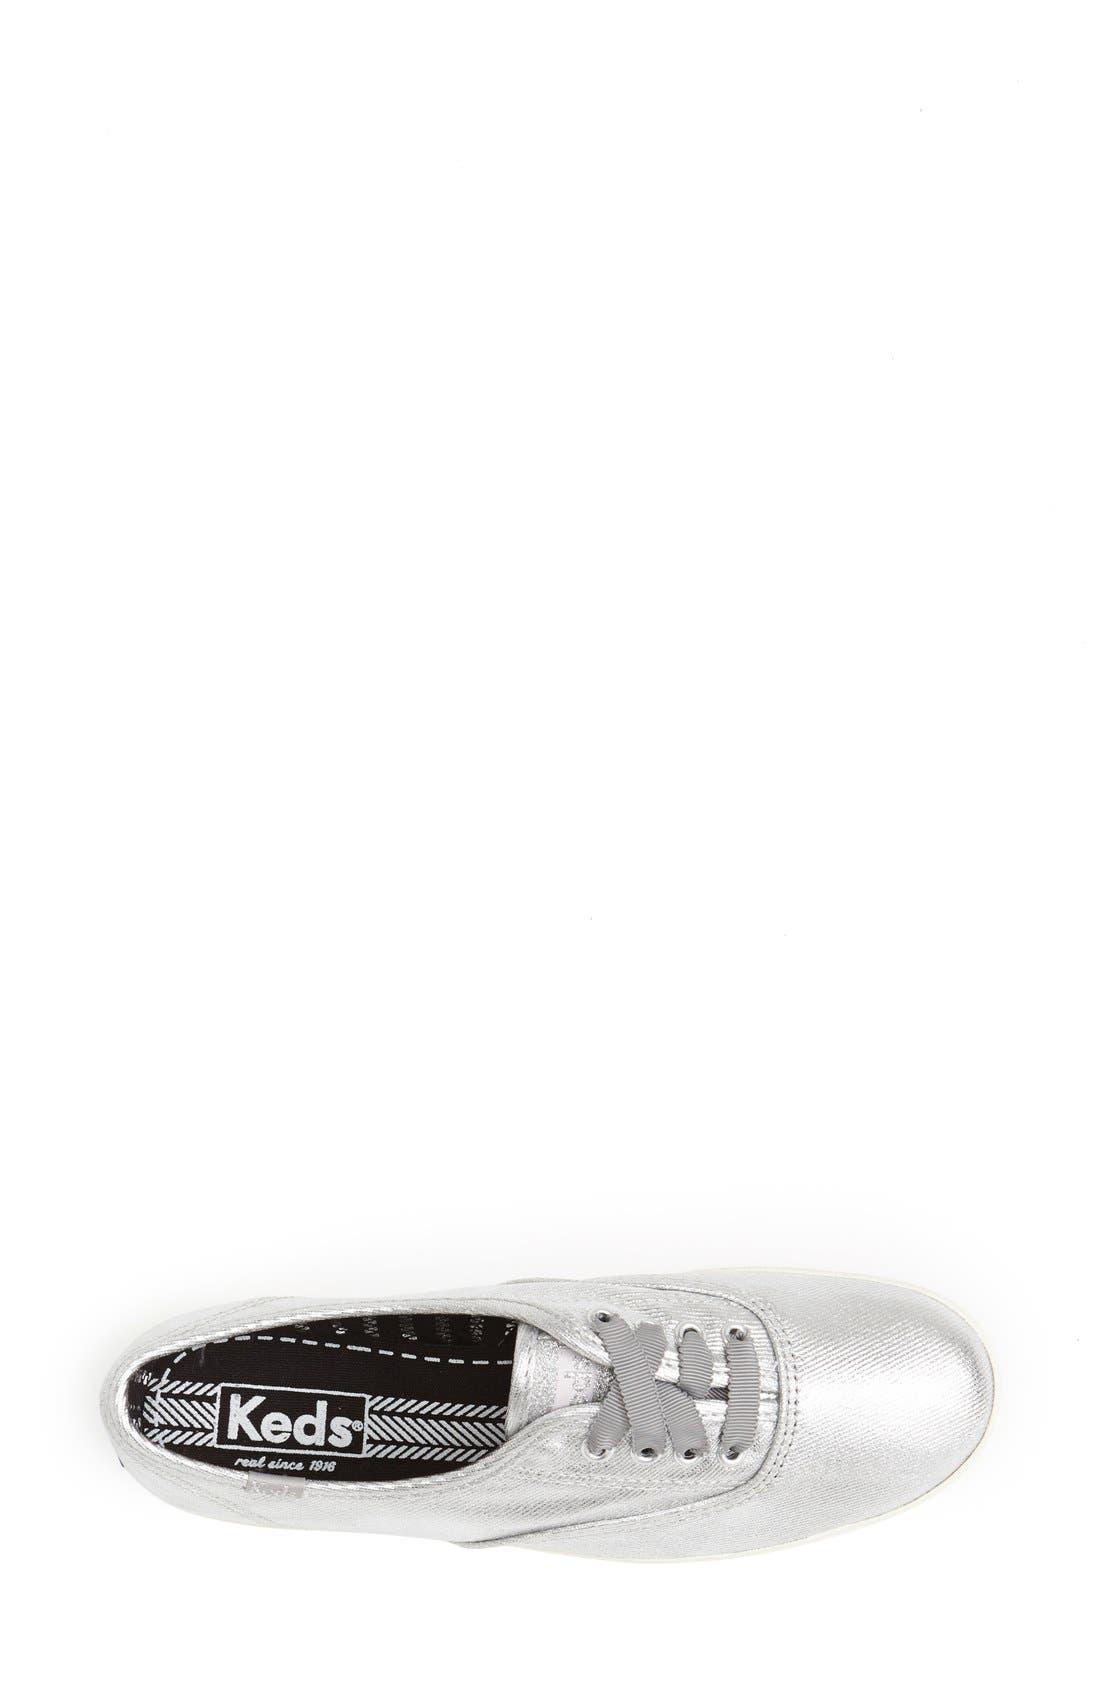 Alternate Image 3  - Keds® 'Champion - Metallic' Sneaker (Women) (Regular Retail Price: $49.95)